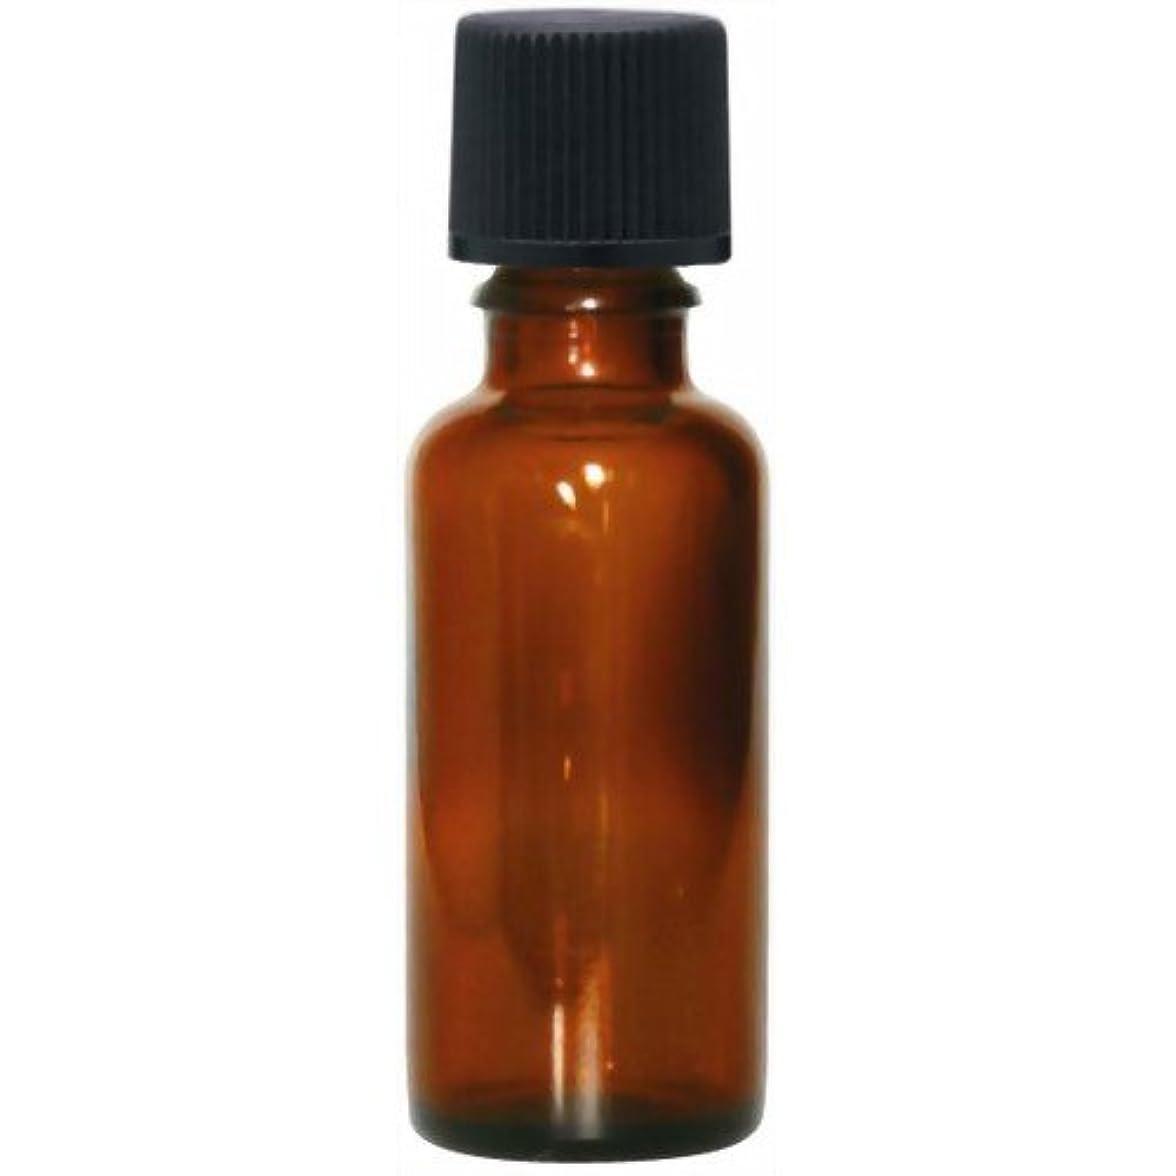 風が強いインスタント言い直す茶色遮光瓶30ml(黒キャップ)